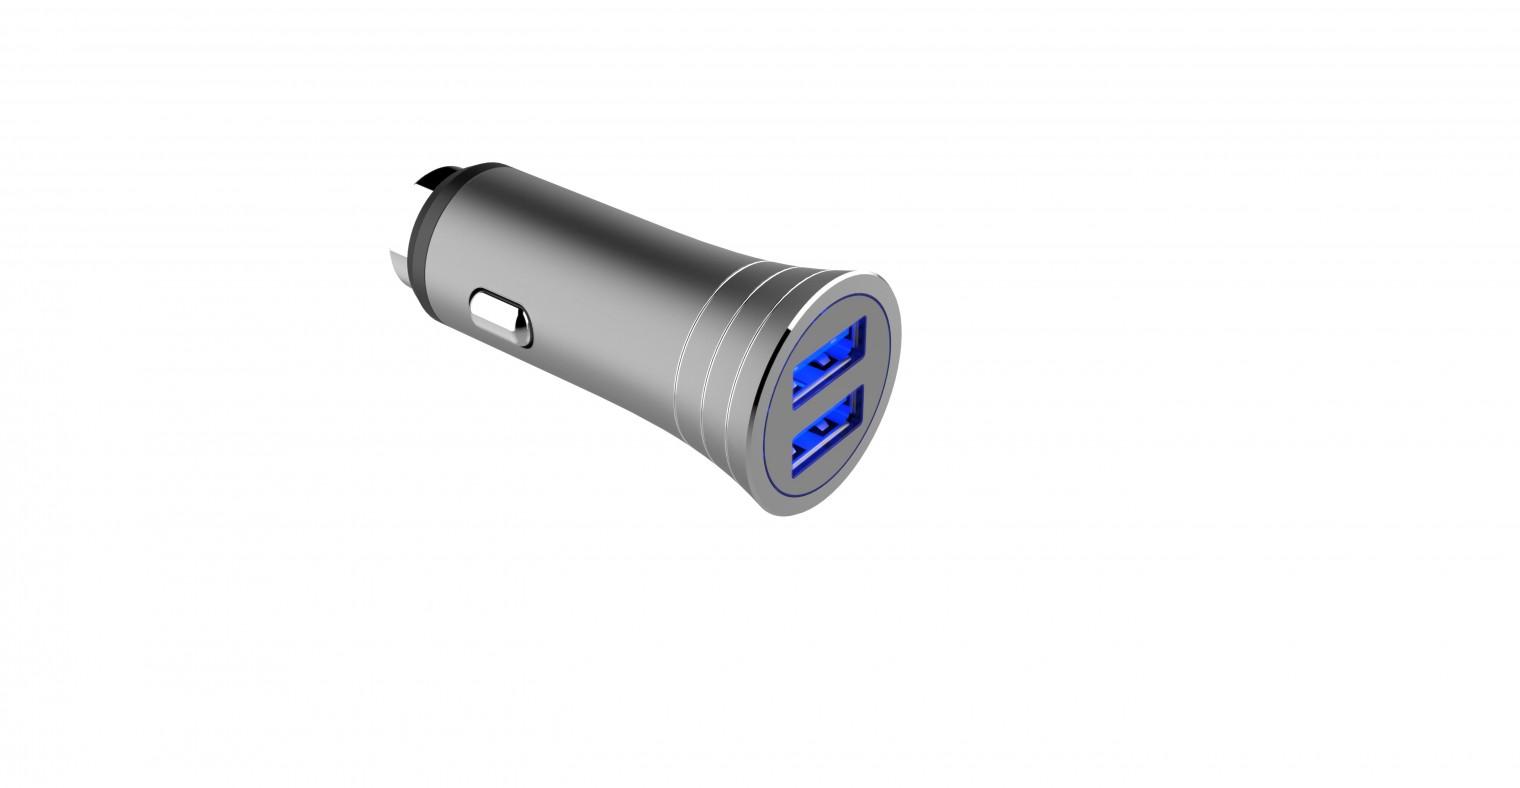 Autonabíjačky (12V) Autonabíjačka WG 2xUSB 3,1A + kábel USB Typ C